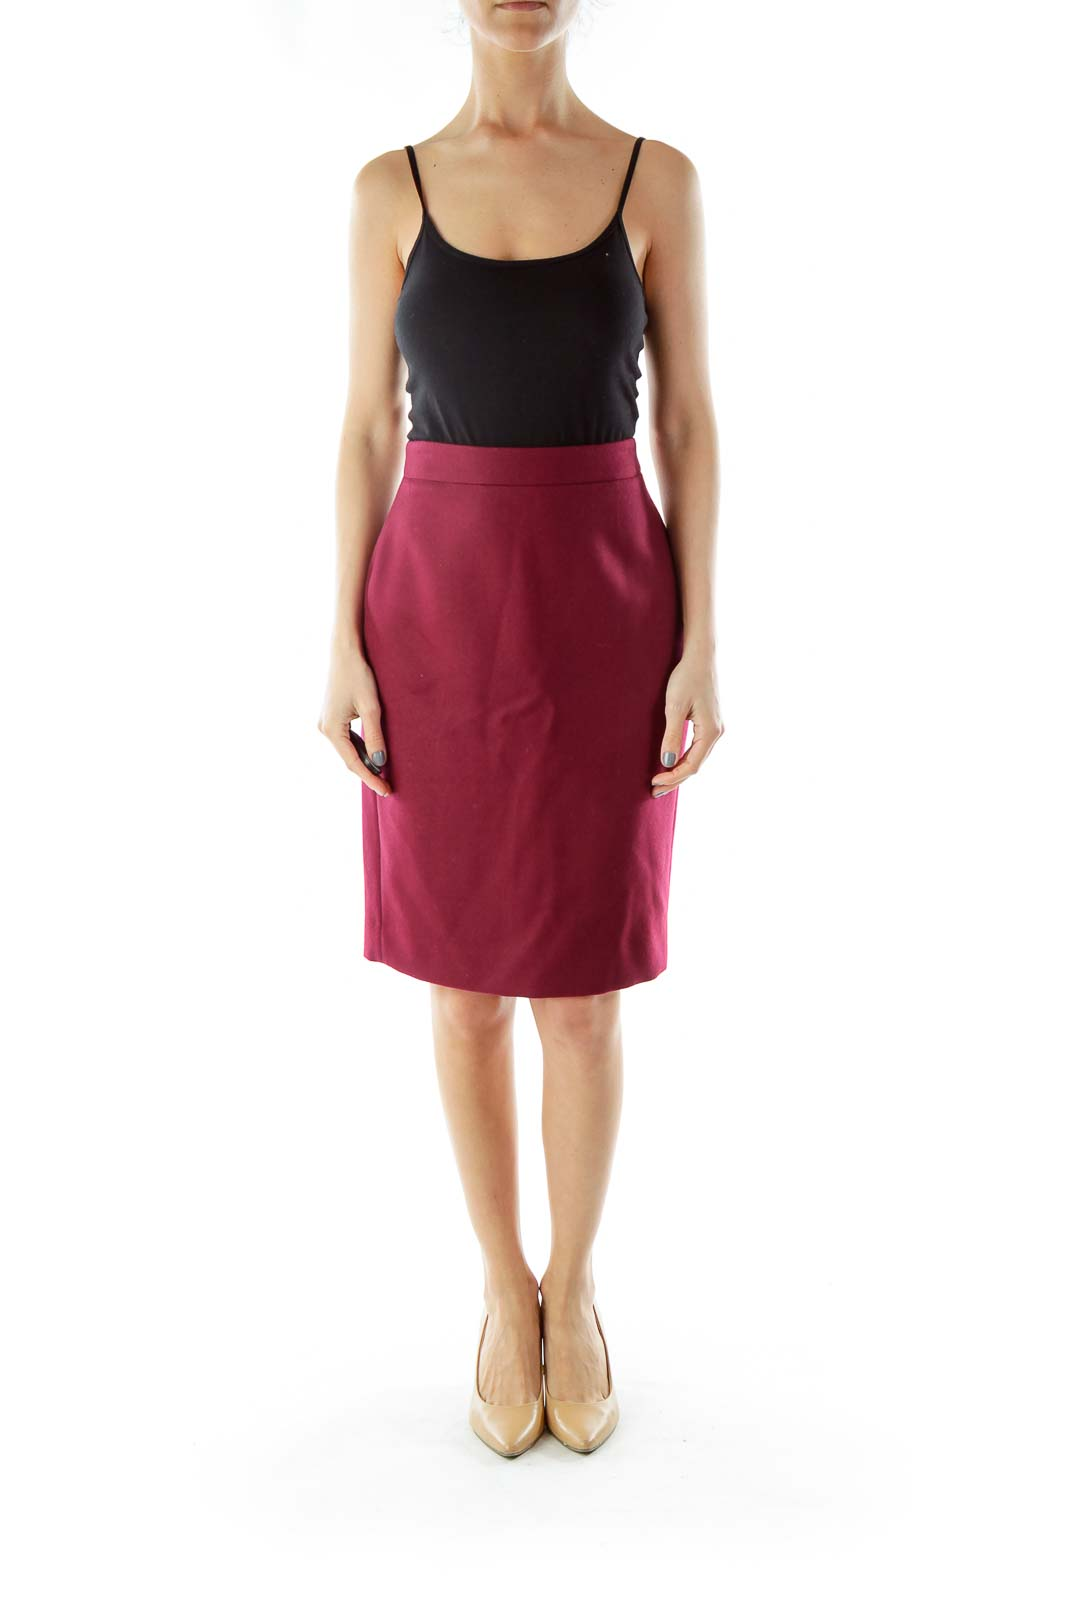 Burgundy Pencil Skirt